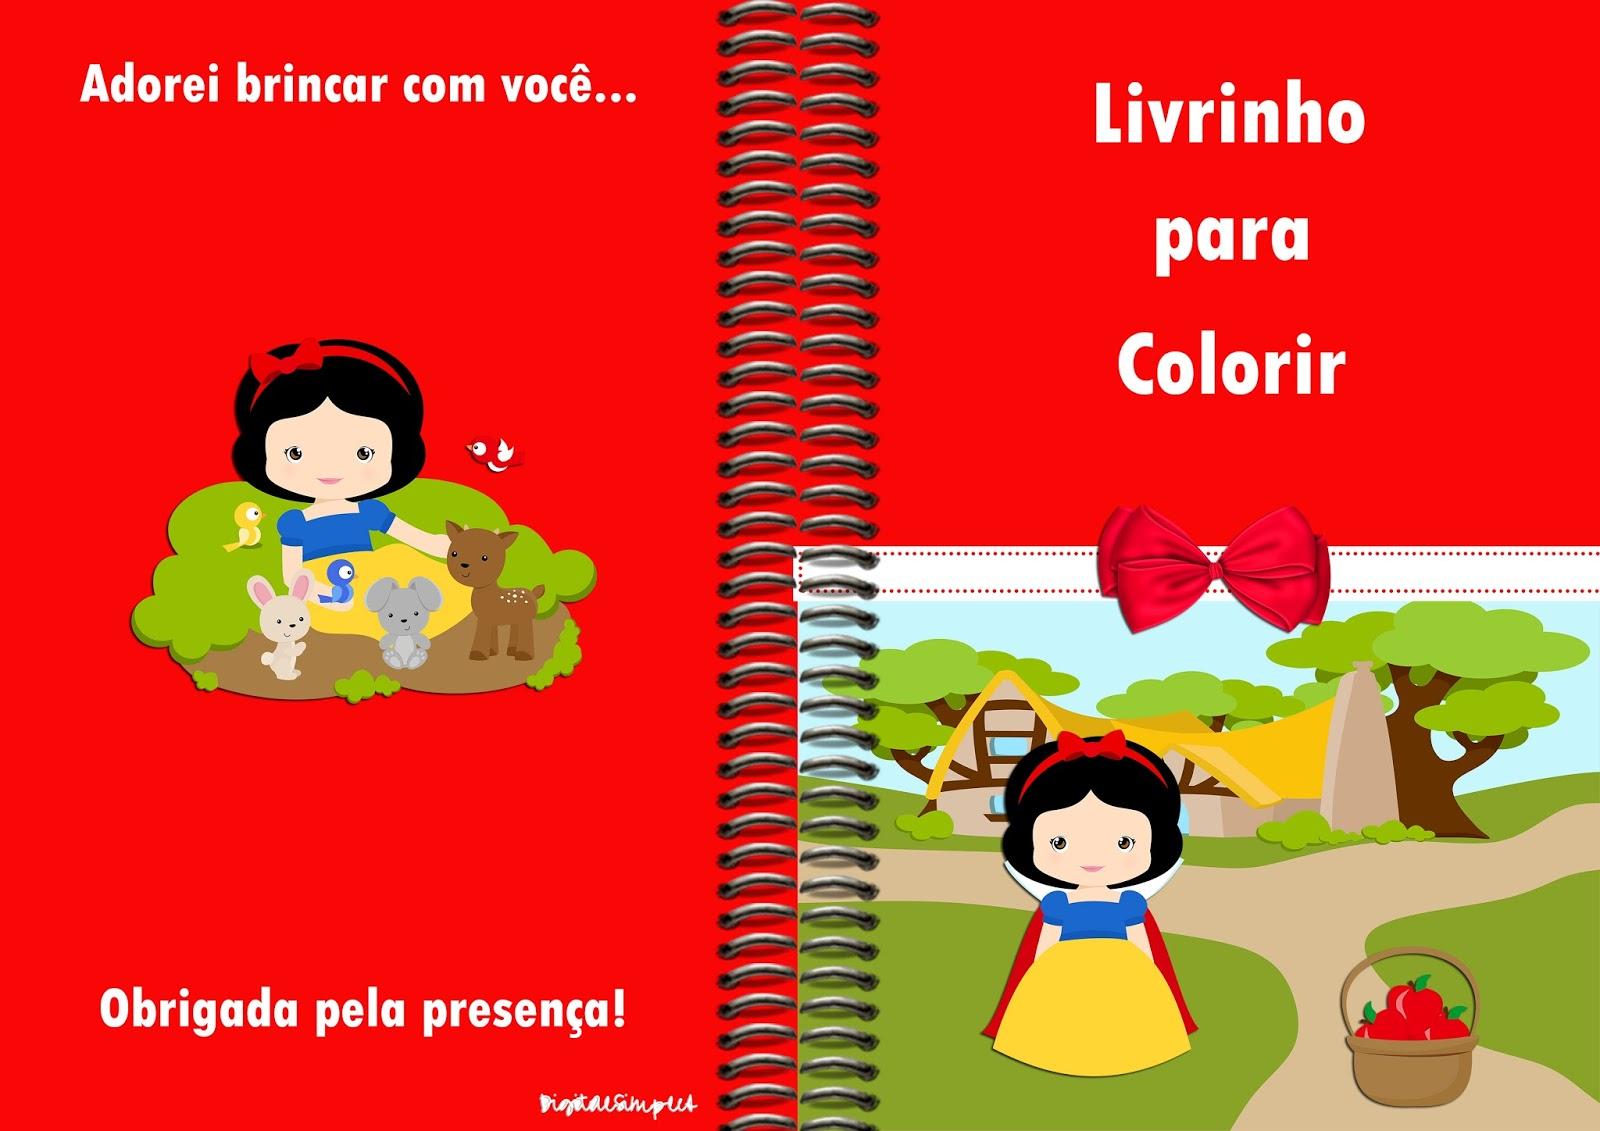 Livrinho para Colorir Branca de Neve Cute